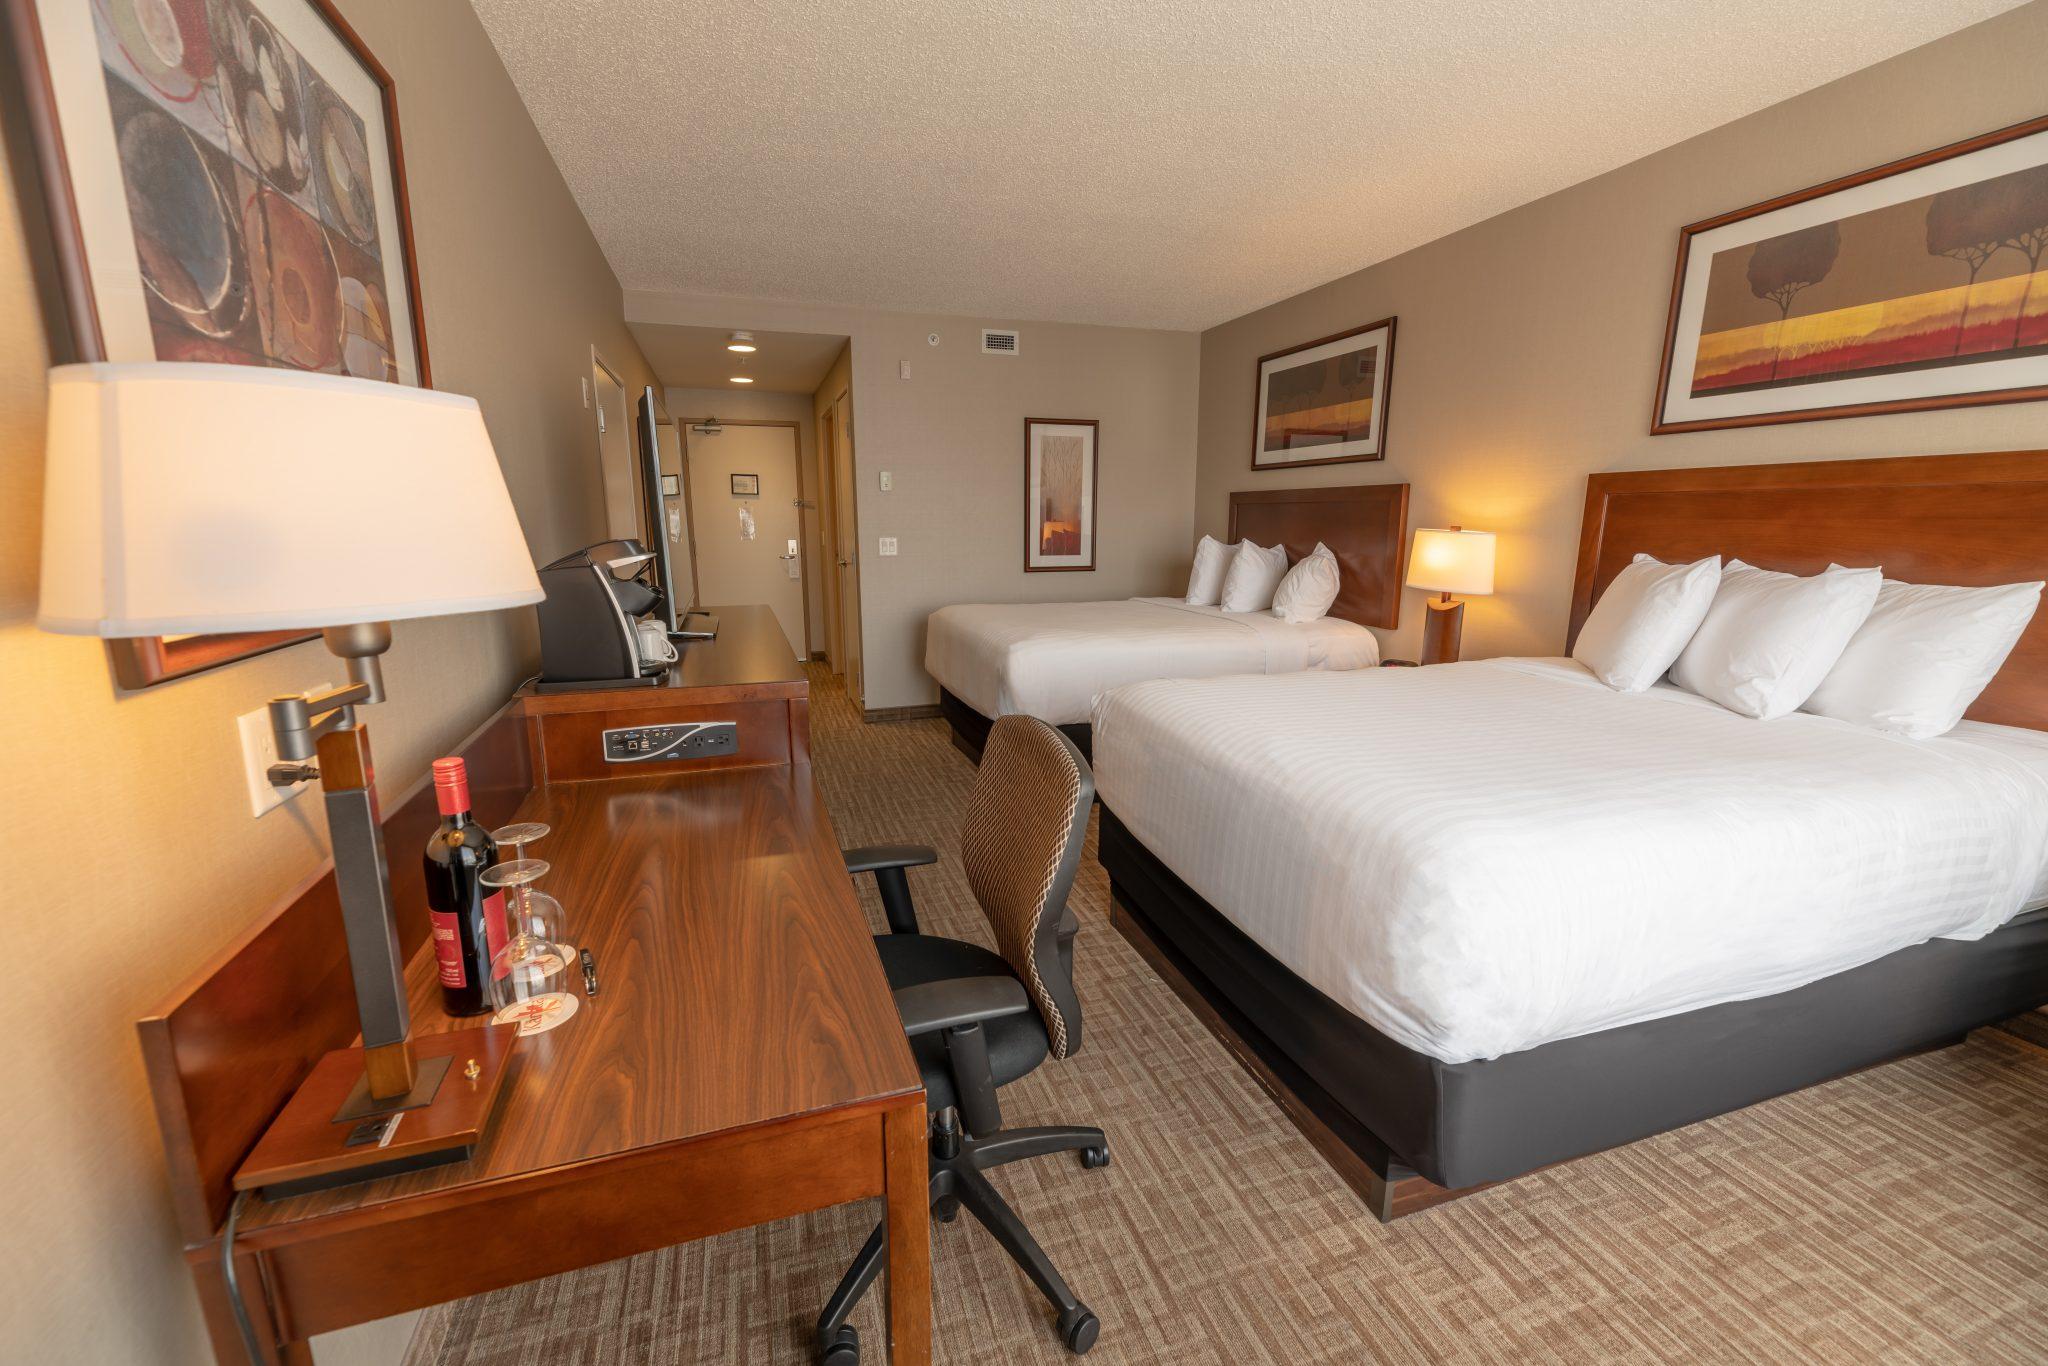 hotel in kelowna Kanata Inns Kelowna Deluxe 2 Queen